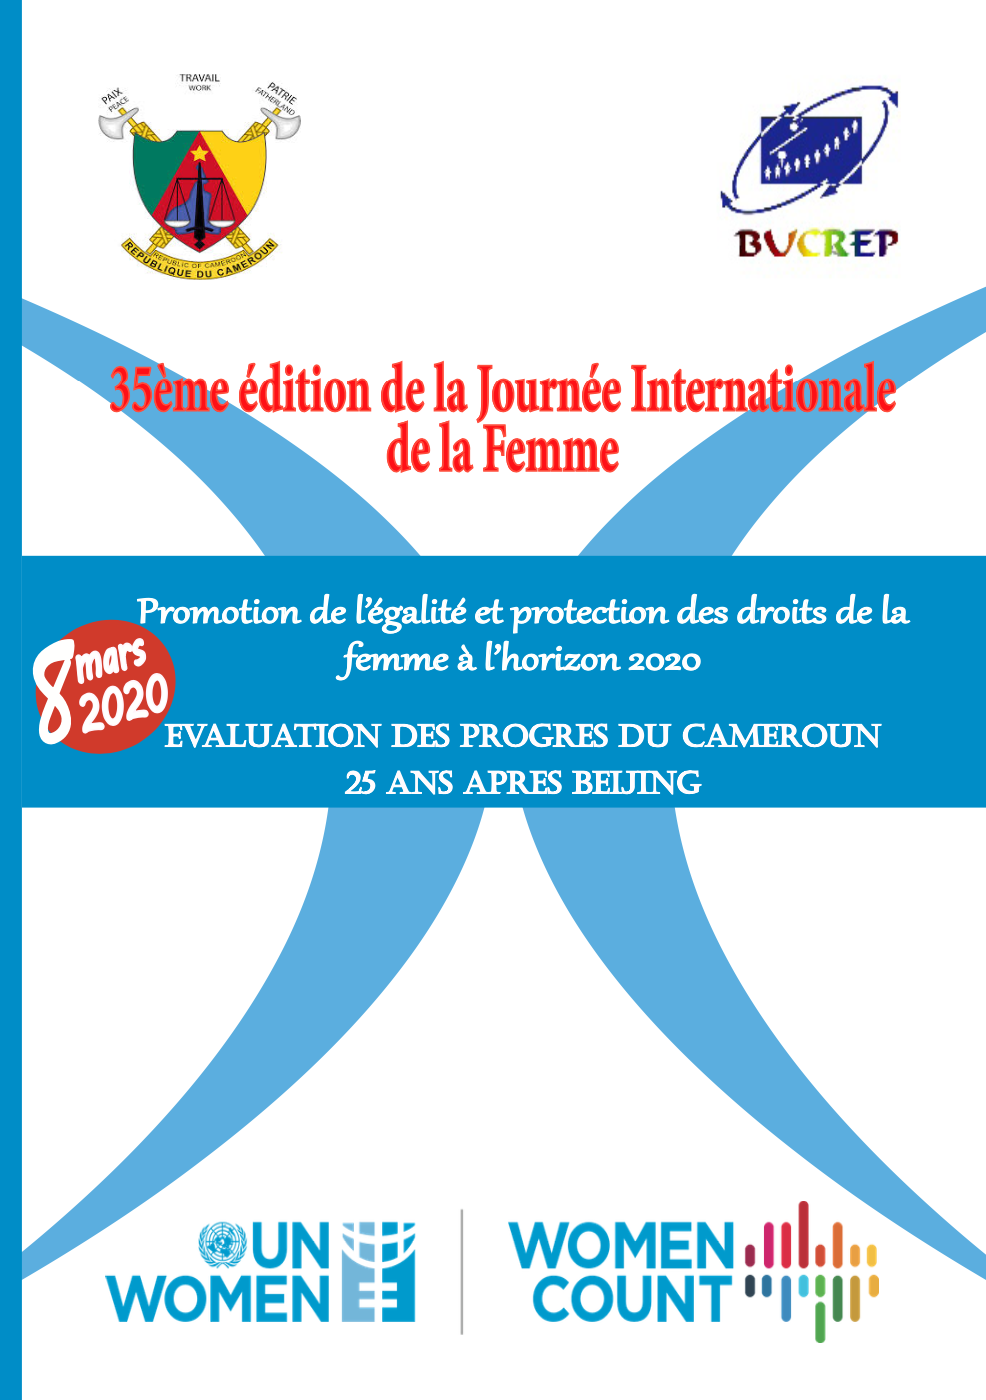 35ème édition de la Journée Internationale de la Femme